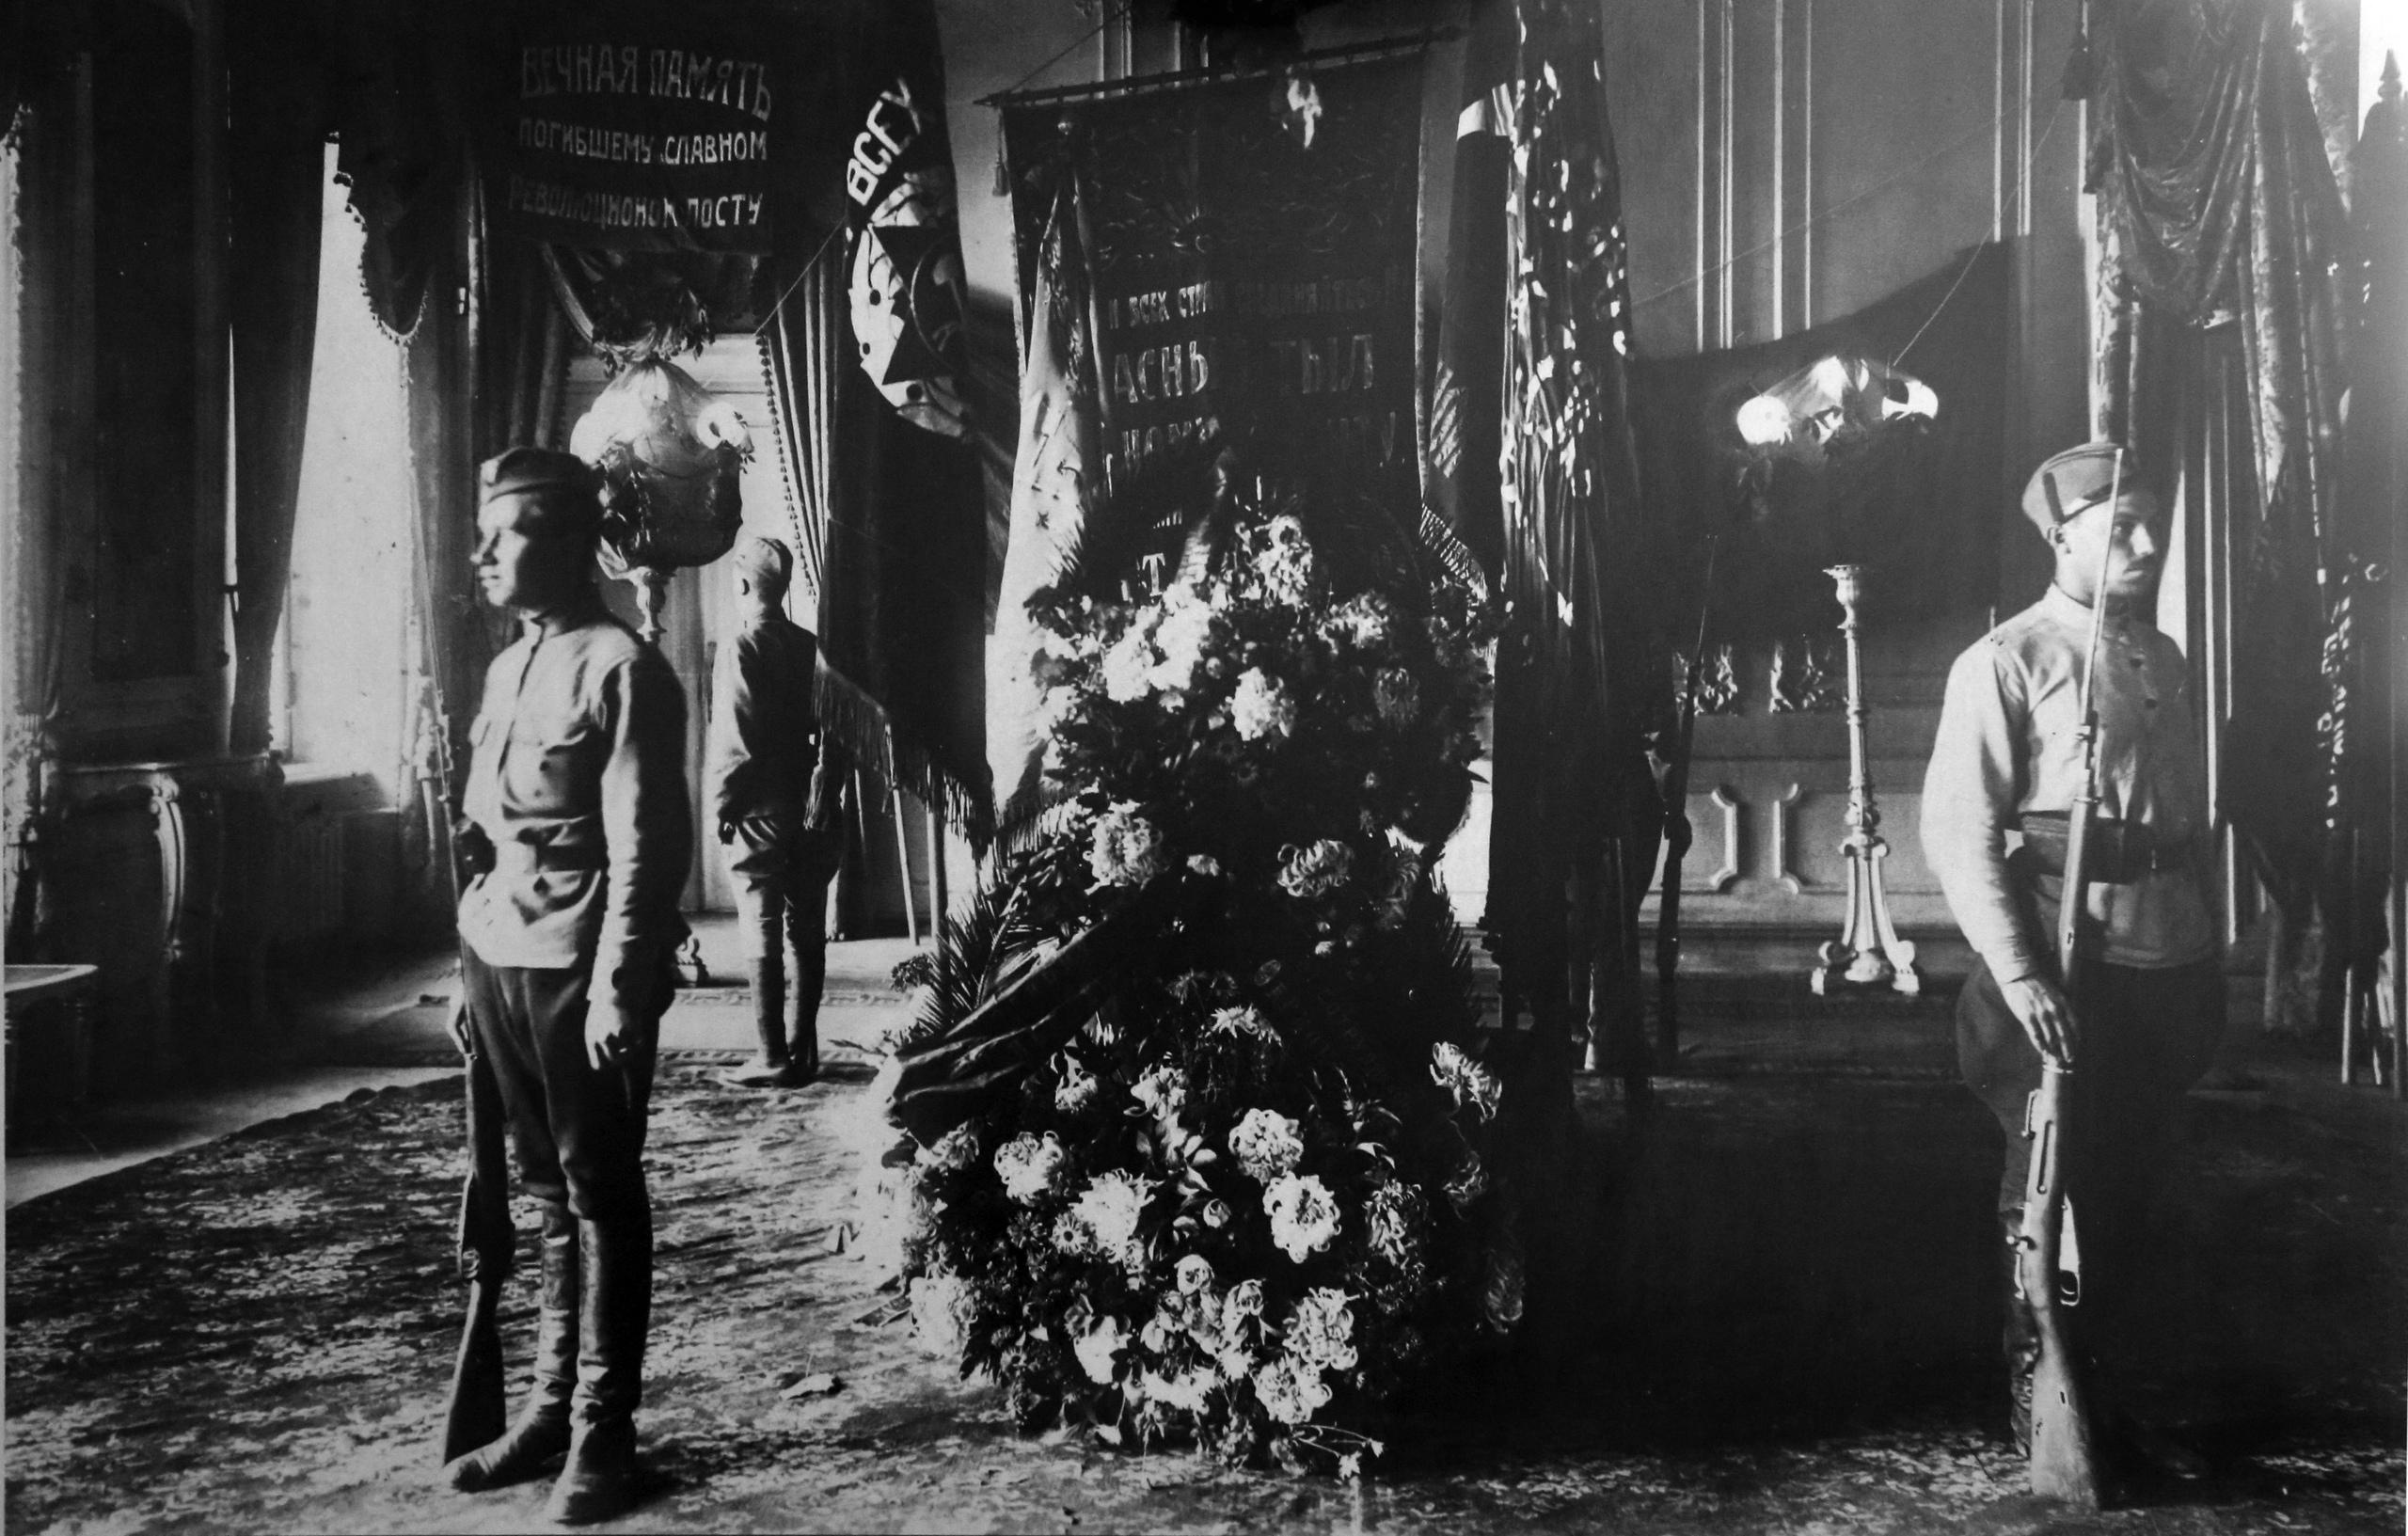 Похороны генерала Александра Памфамировича Николаева (1860-1919), повешенного белогвардейцами в г. Ямбурге